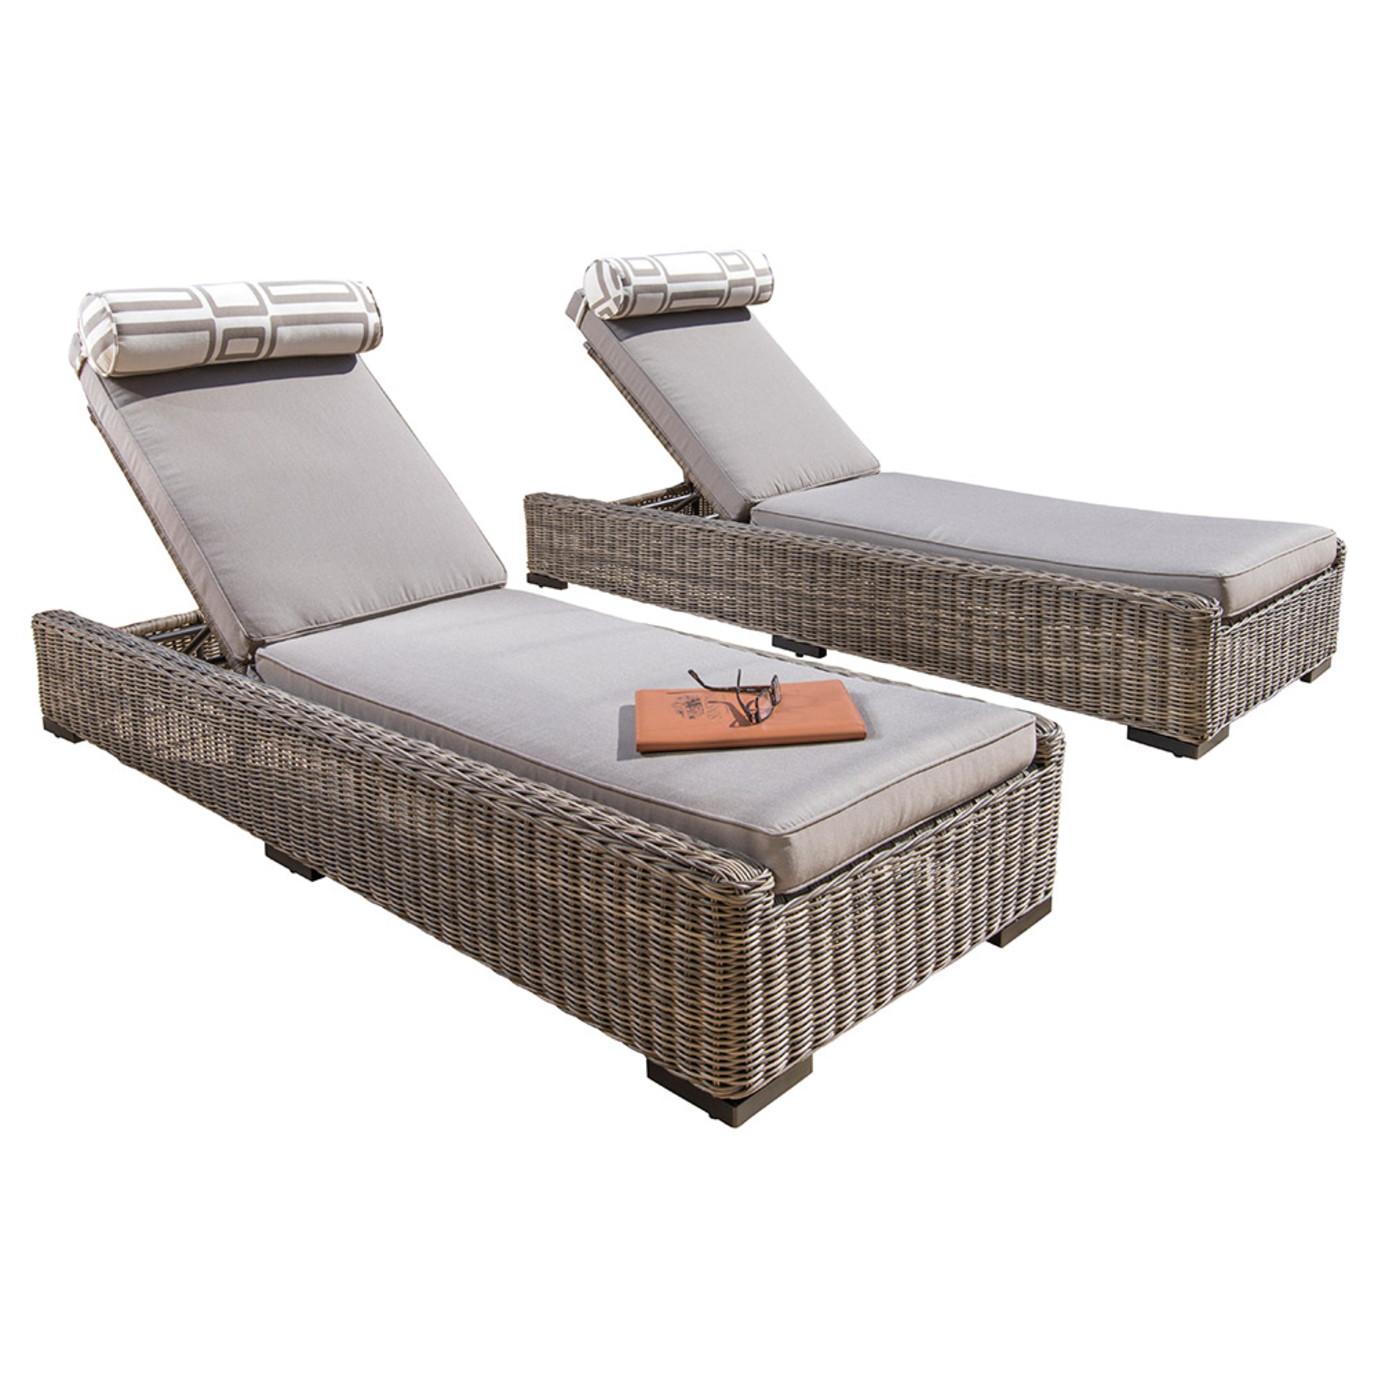 Resort™ 2pc Lounge & Cushion Set - Weathered Grey/Frank Stone